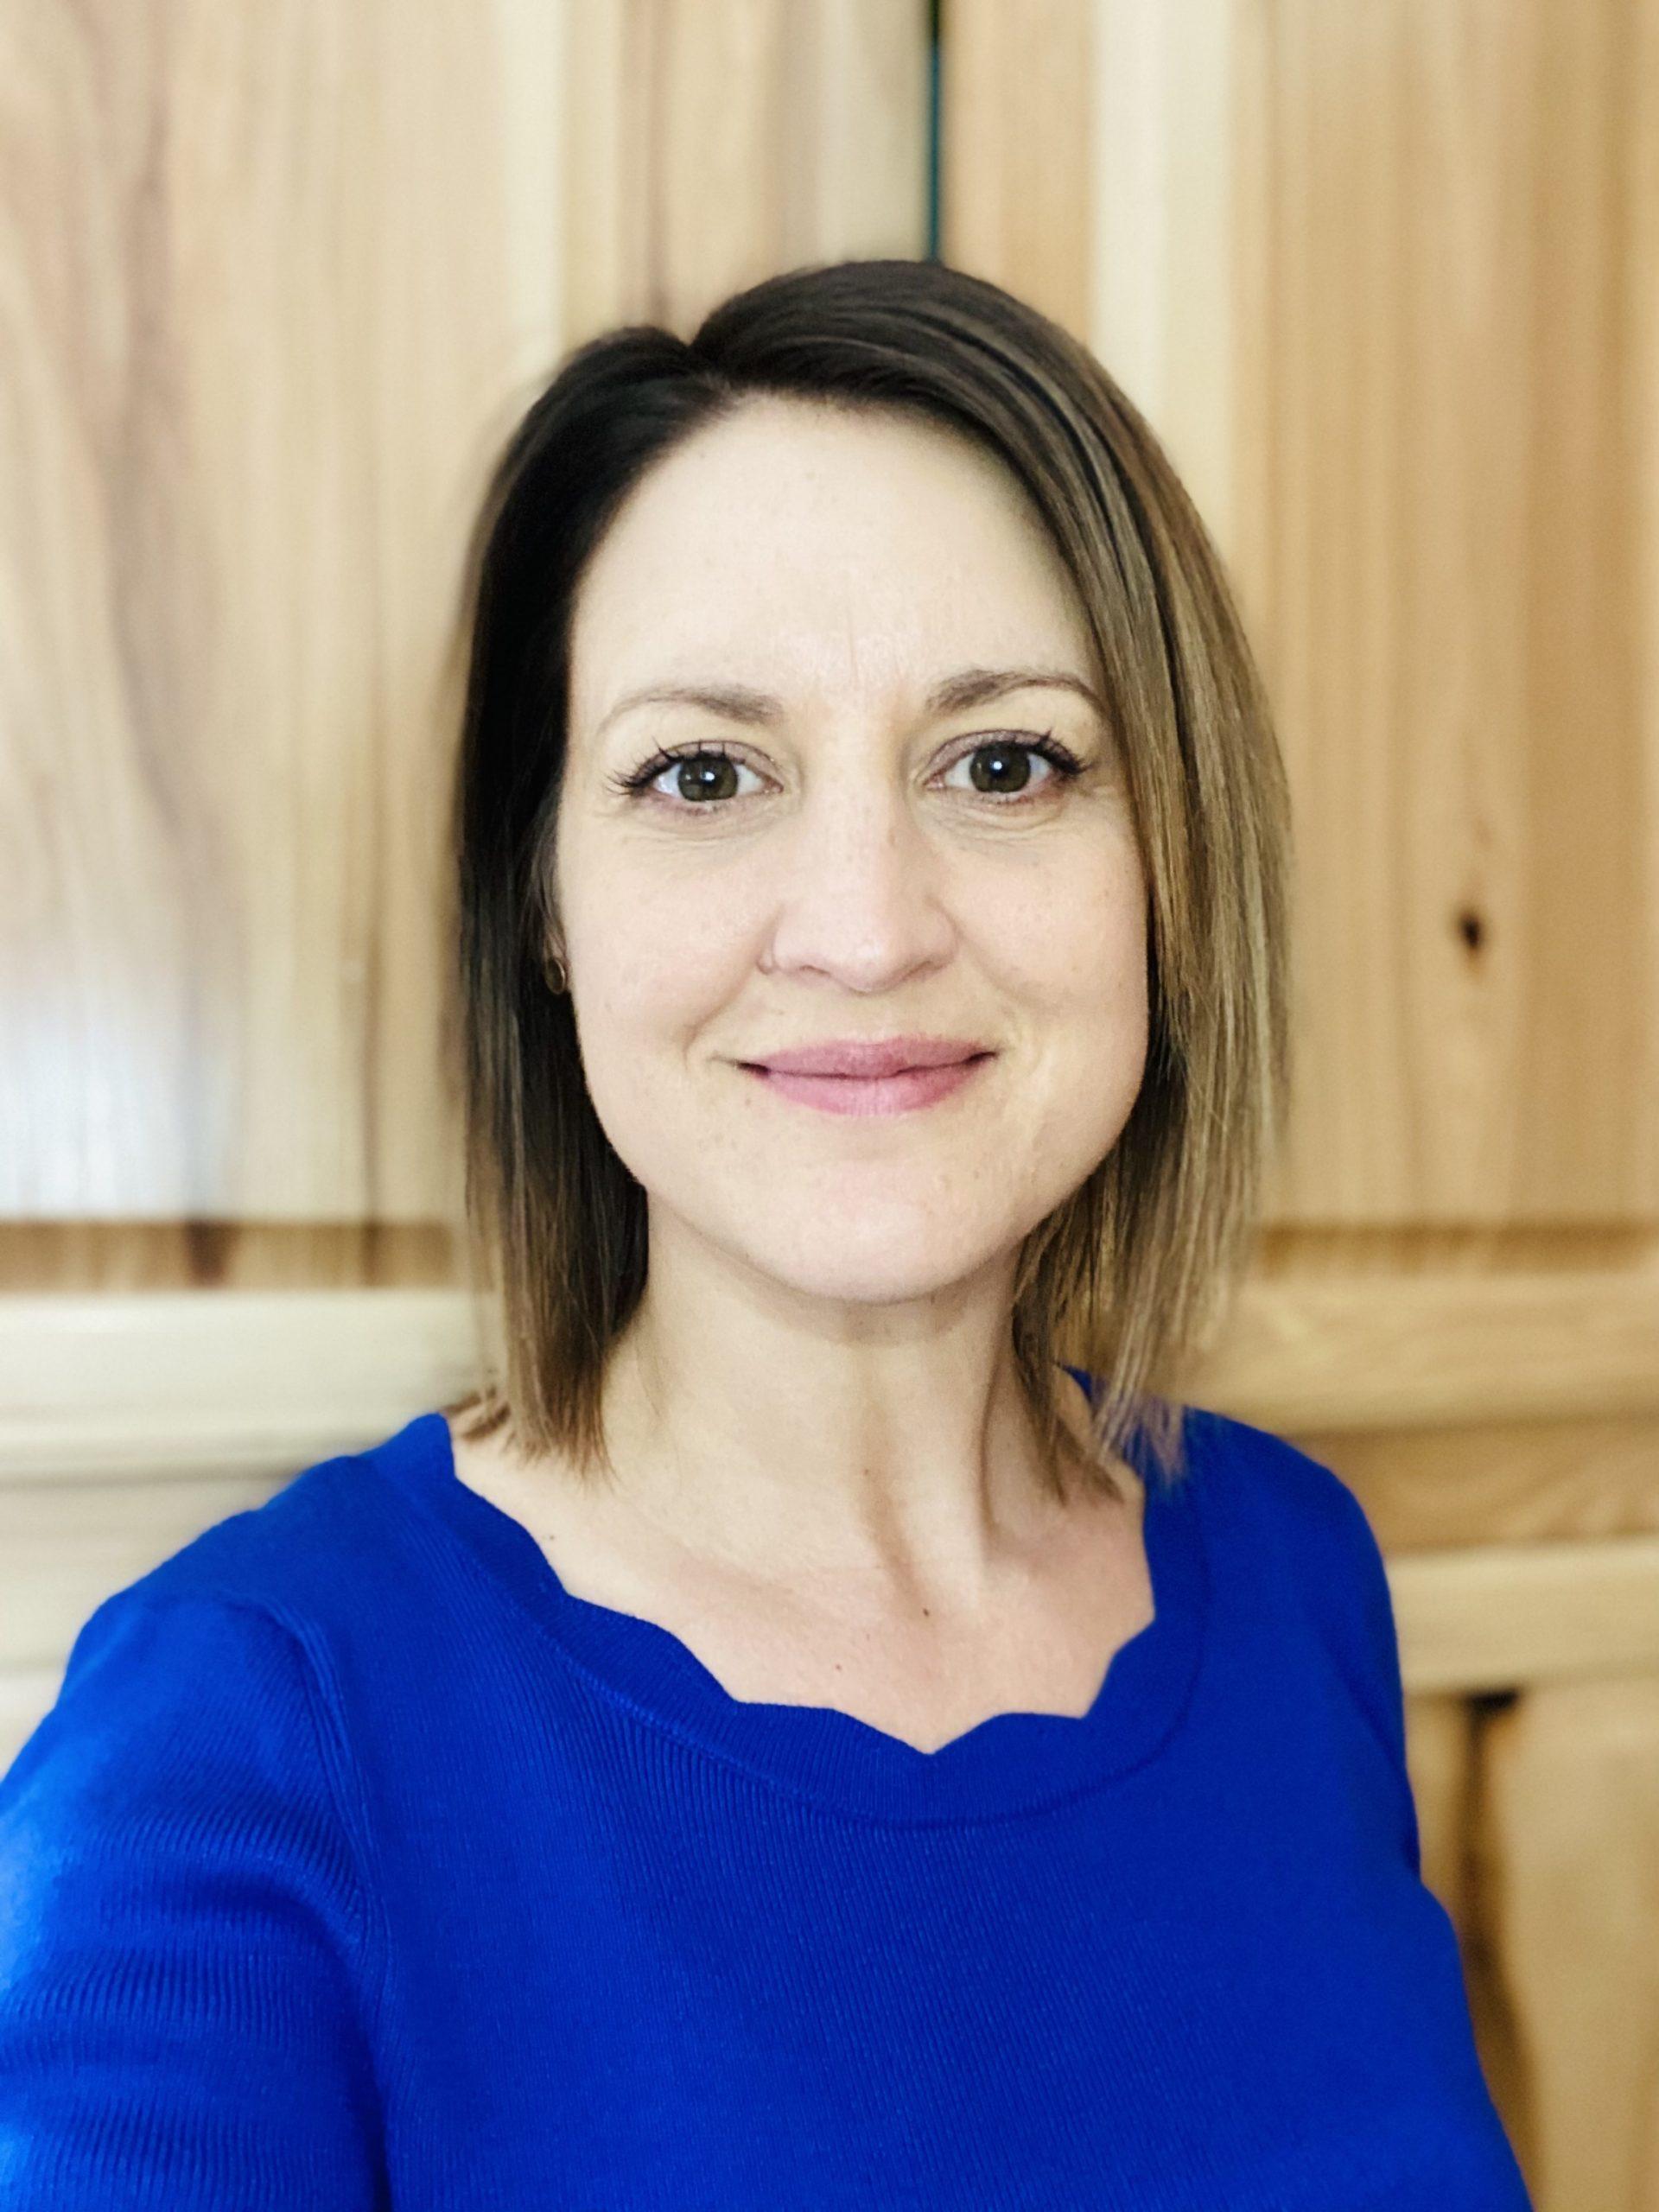 Alexis Glennon